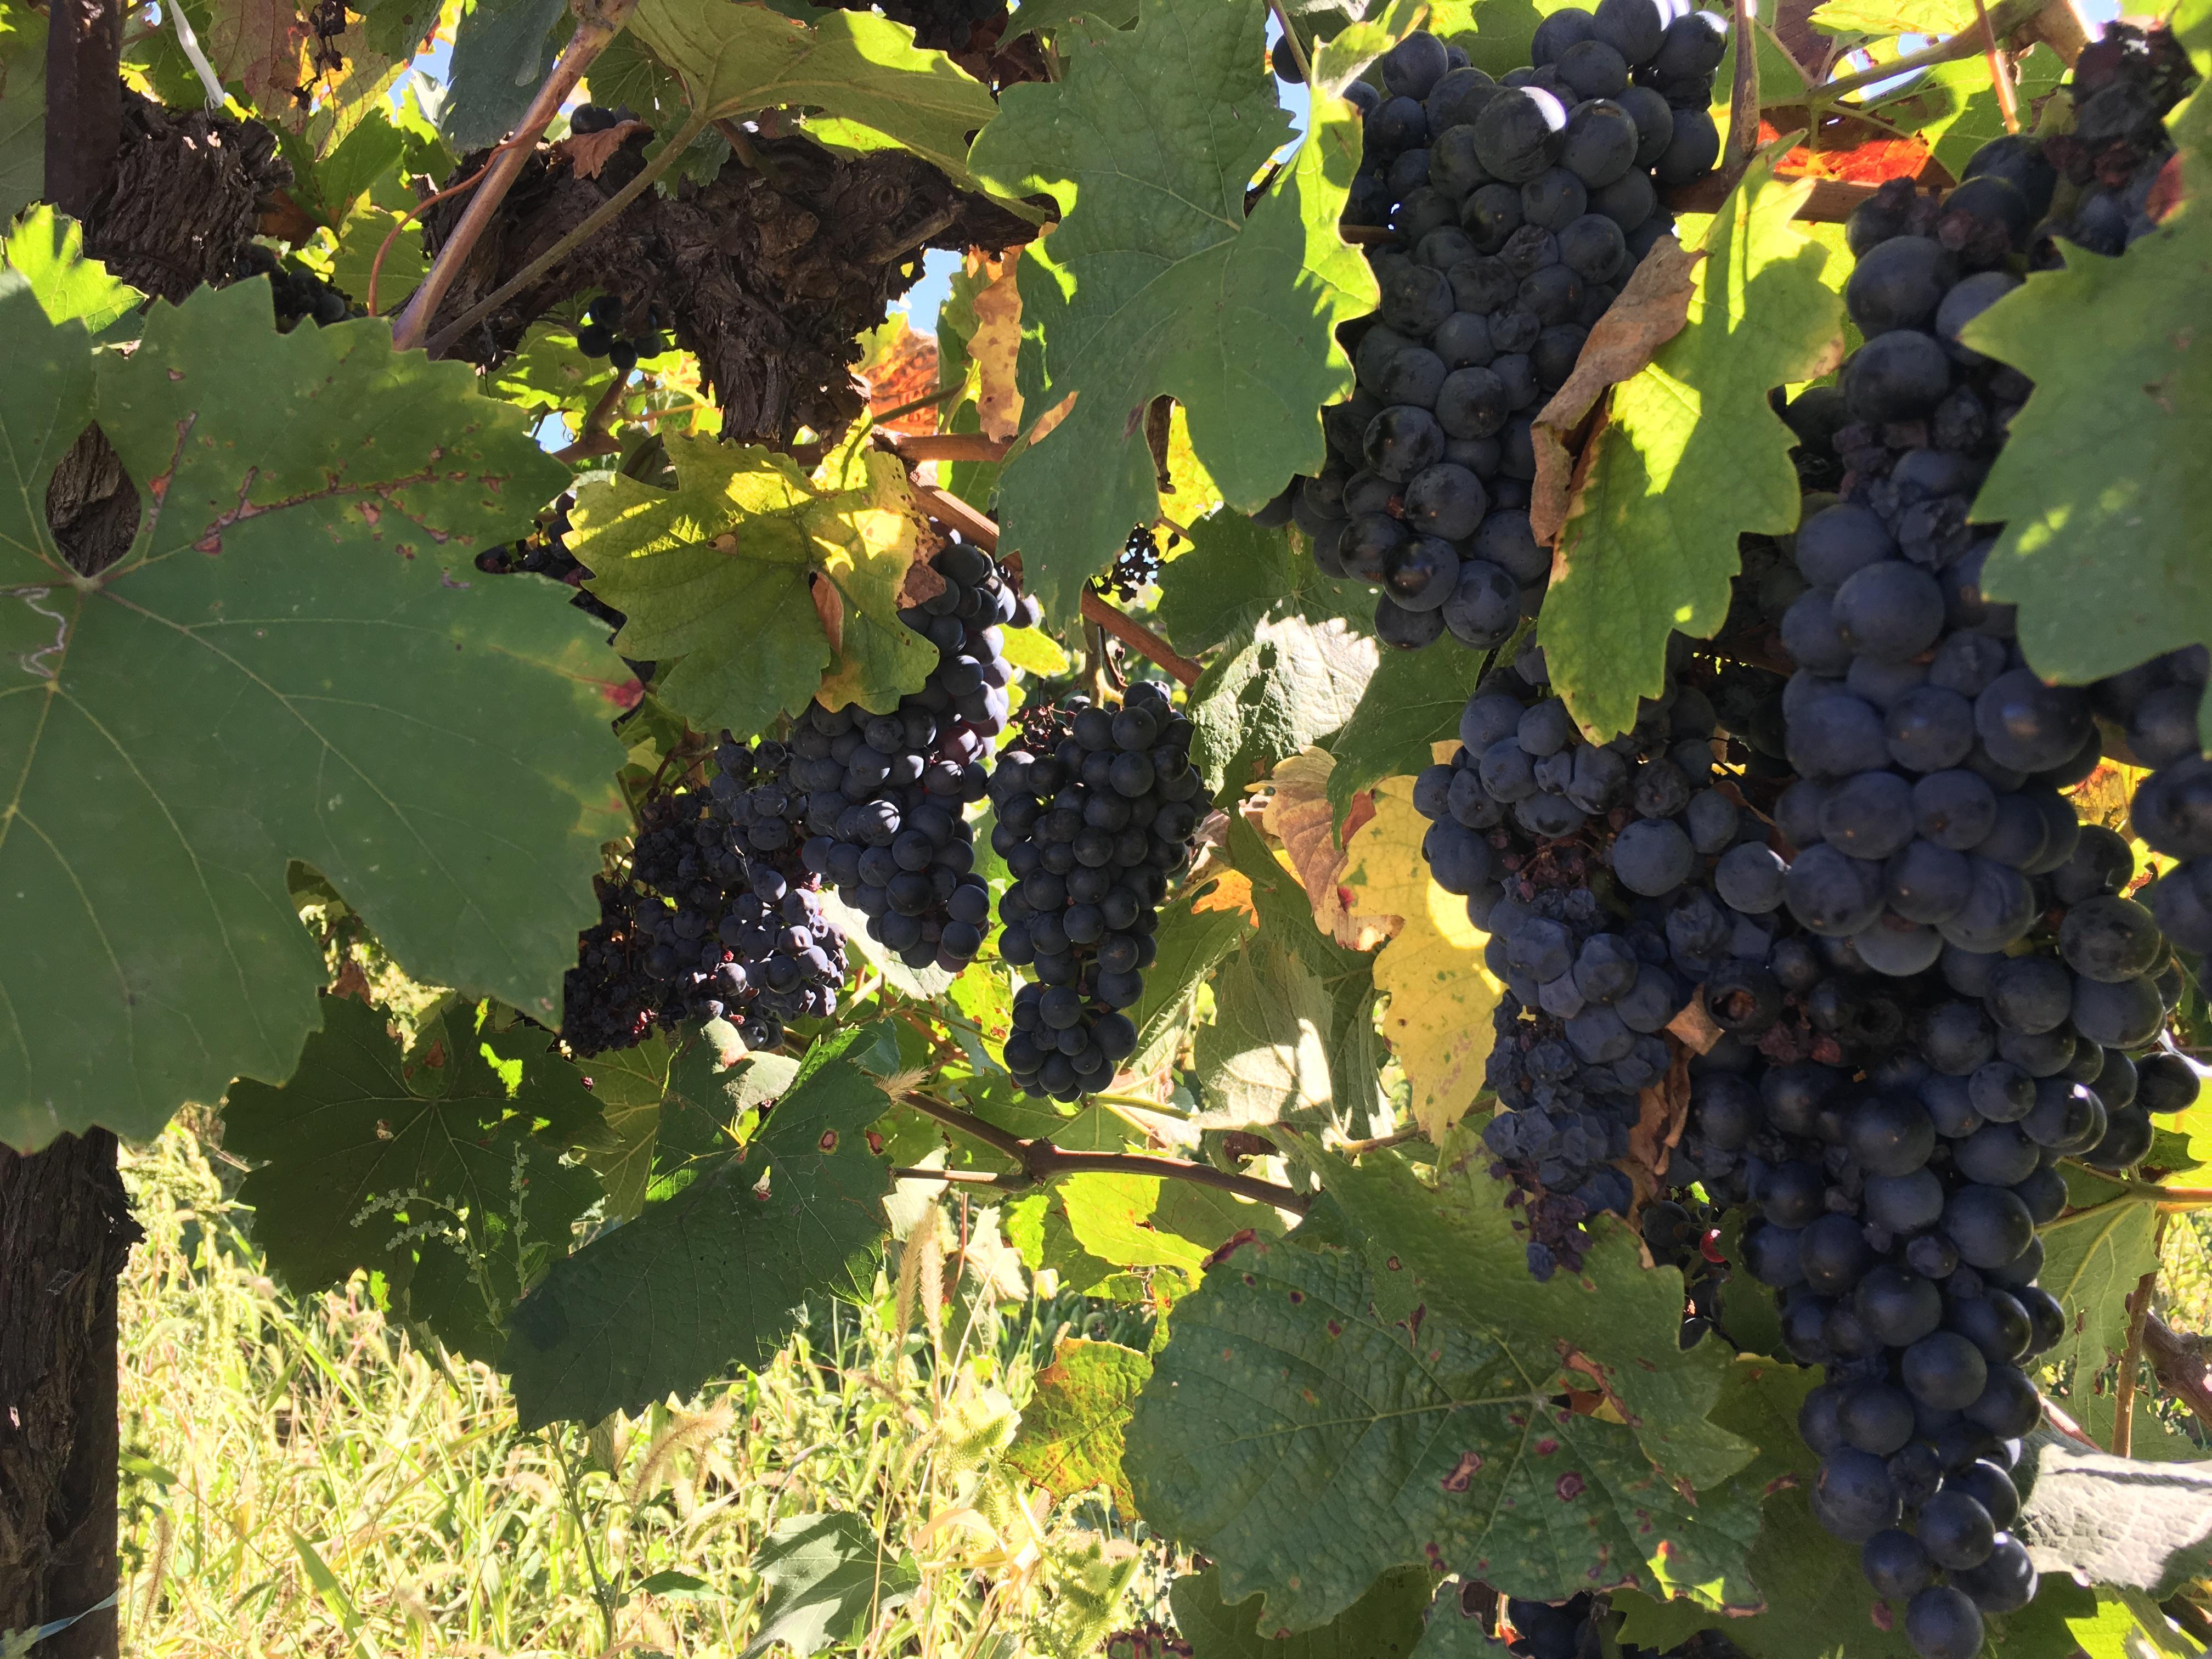 FOTO, VIDEO   Unul dintre marii producători de vinuri din România, ÎNGROZIT că va rămâne cu via neculeasă. Într-un an bogat, tot mai puţini oameni vin să depună muncă fizică